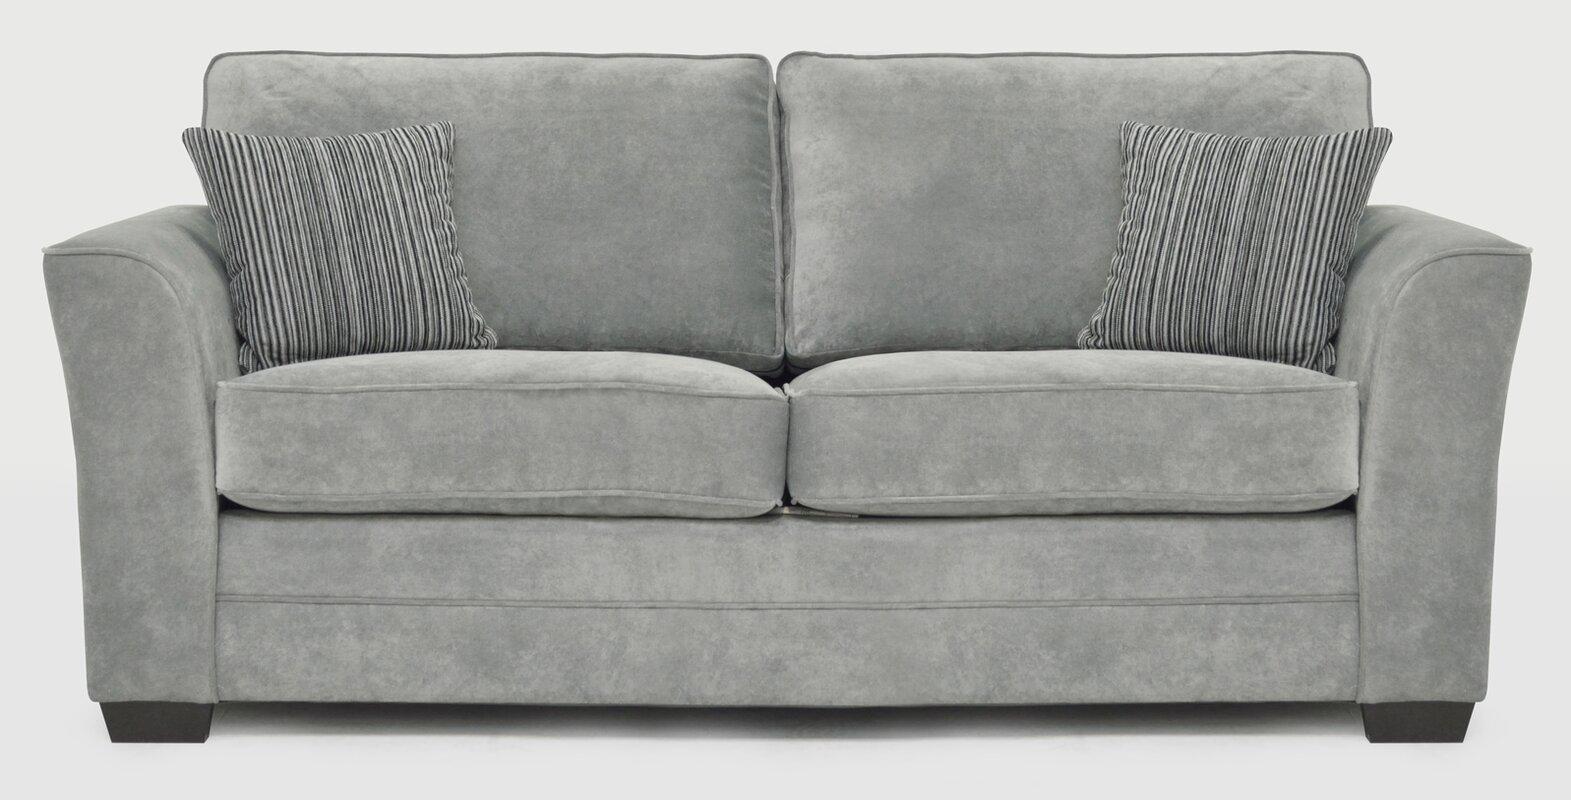 Gewaltig 3 Sitzer Couch Sammlung Von 3-sitzer Sofa Artena